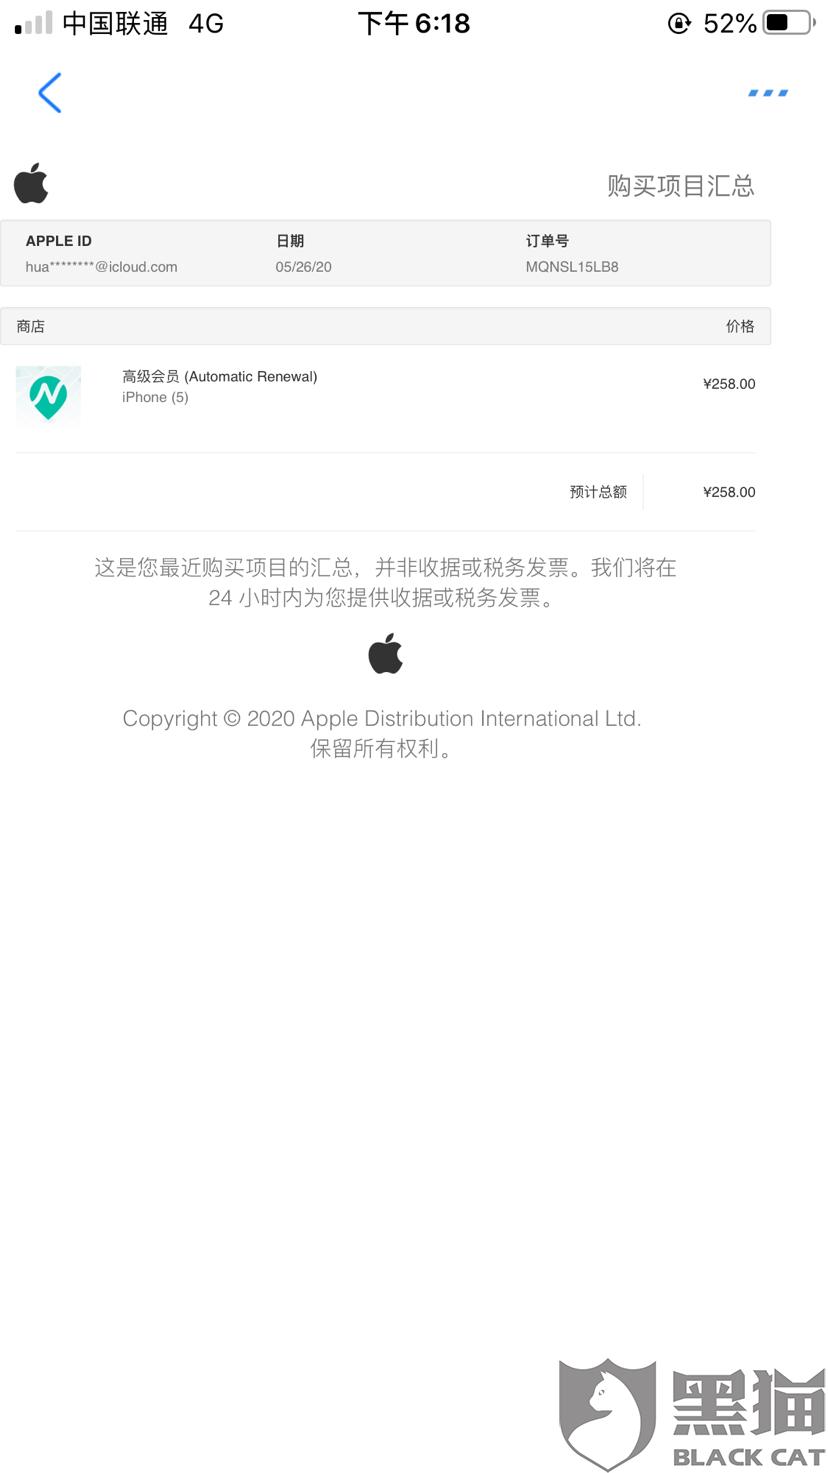 黑猫投诉:App Store无故扣费258元